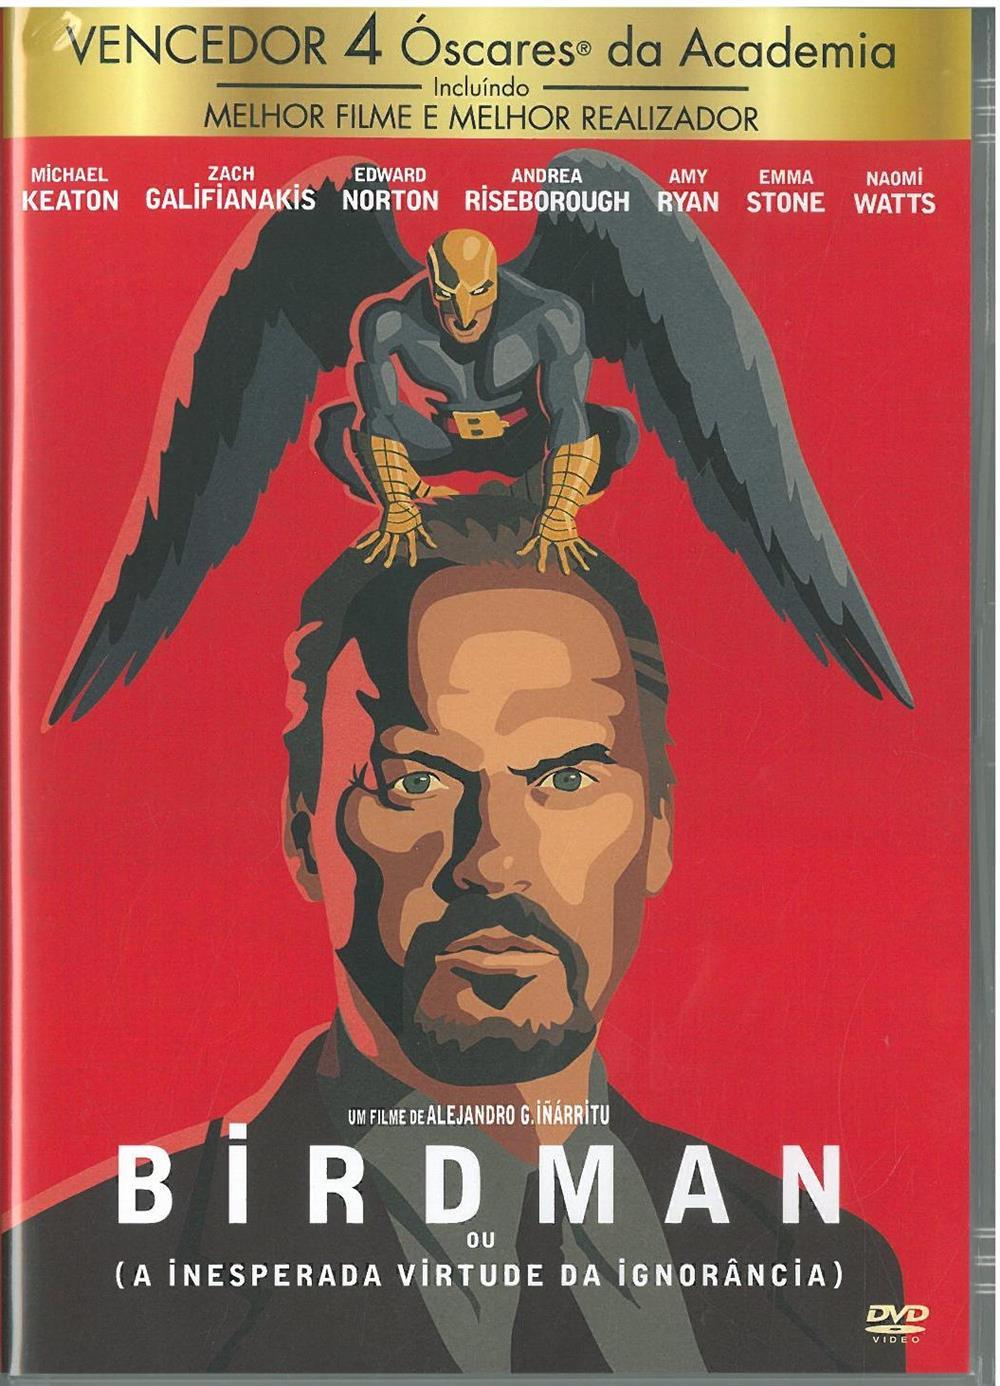 Birdman_DVD.jpg